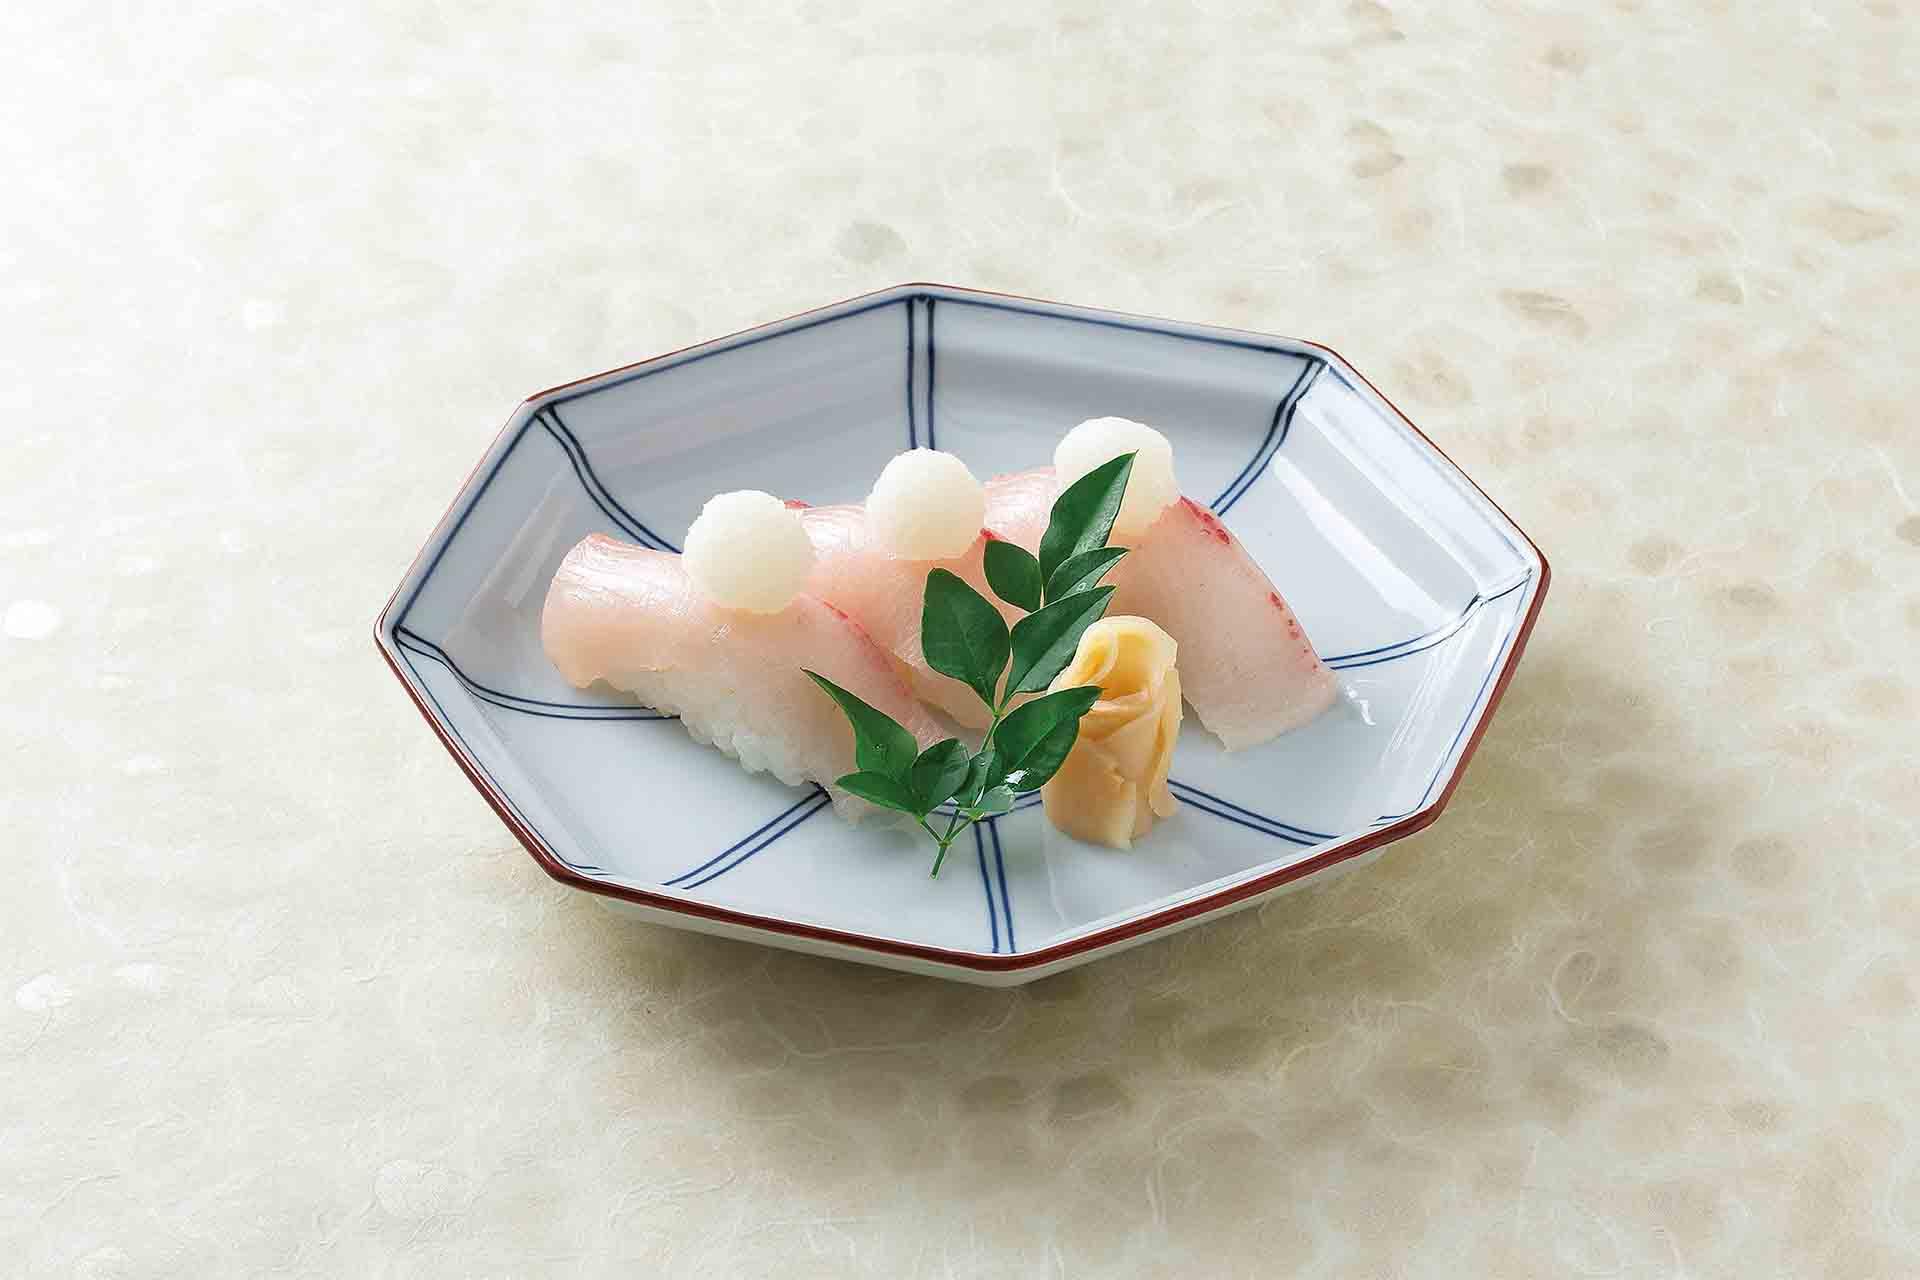 寒鰤の握り寿司